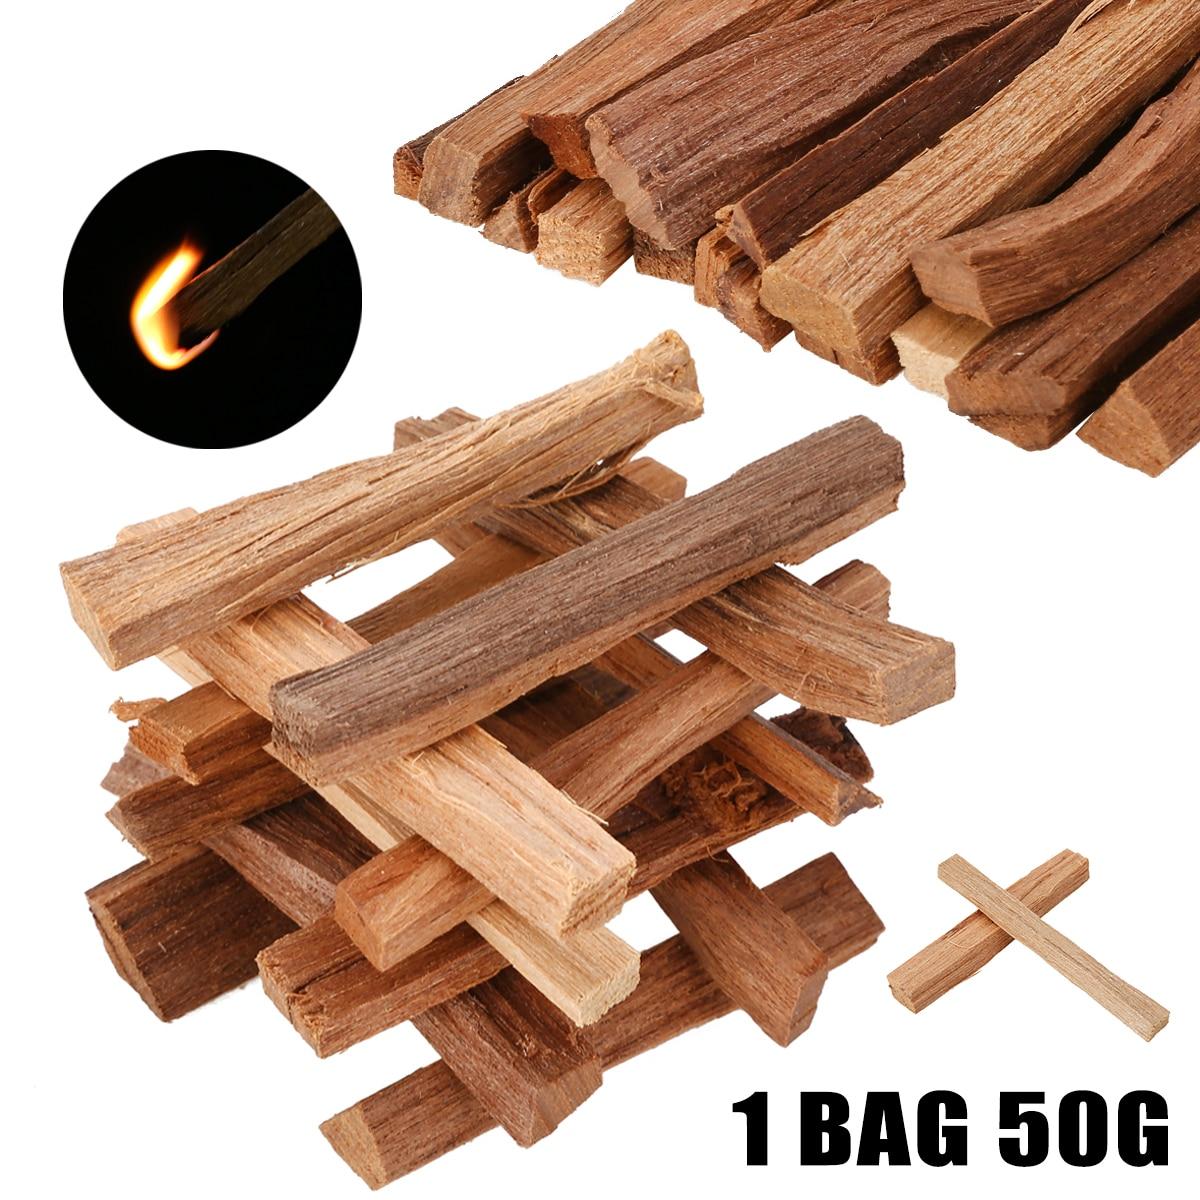 1 Bag 50g Natural Sandalwood Chips Small Logs Of Sticks Wood Incense Sticks Irregular Resin Incense 7CM For Home Decor